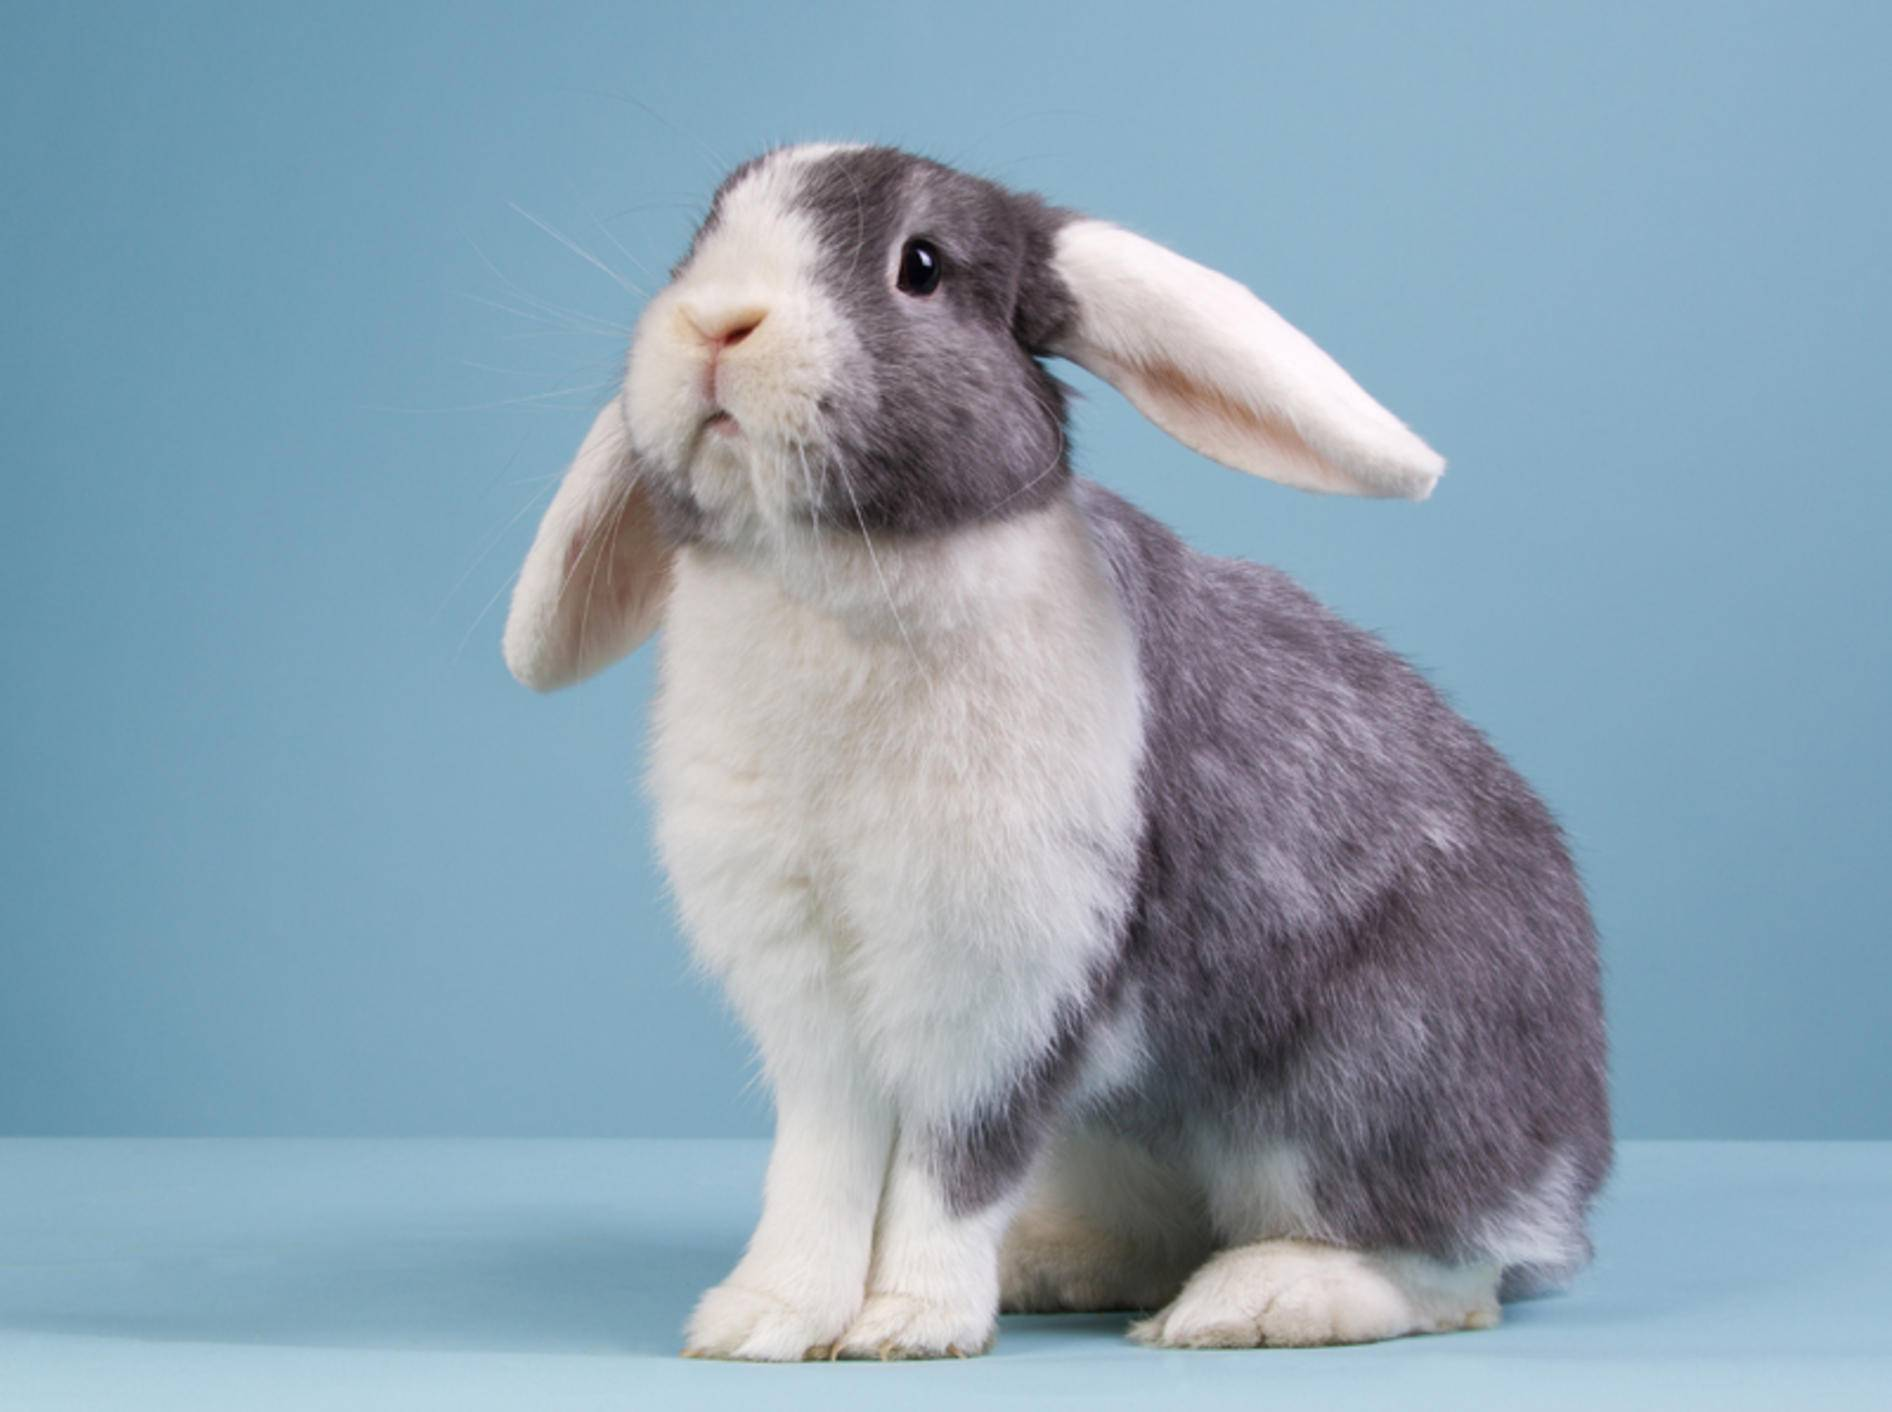 Zwergwidder sind die kleinsten Vertreter unter den Kaninchenrassen mit Schlappohren – Shutterstock / Dagmar Hijmans